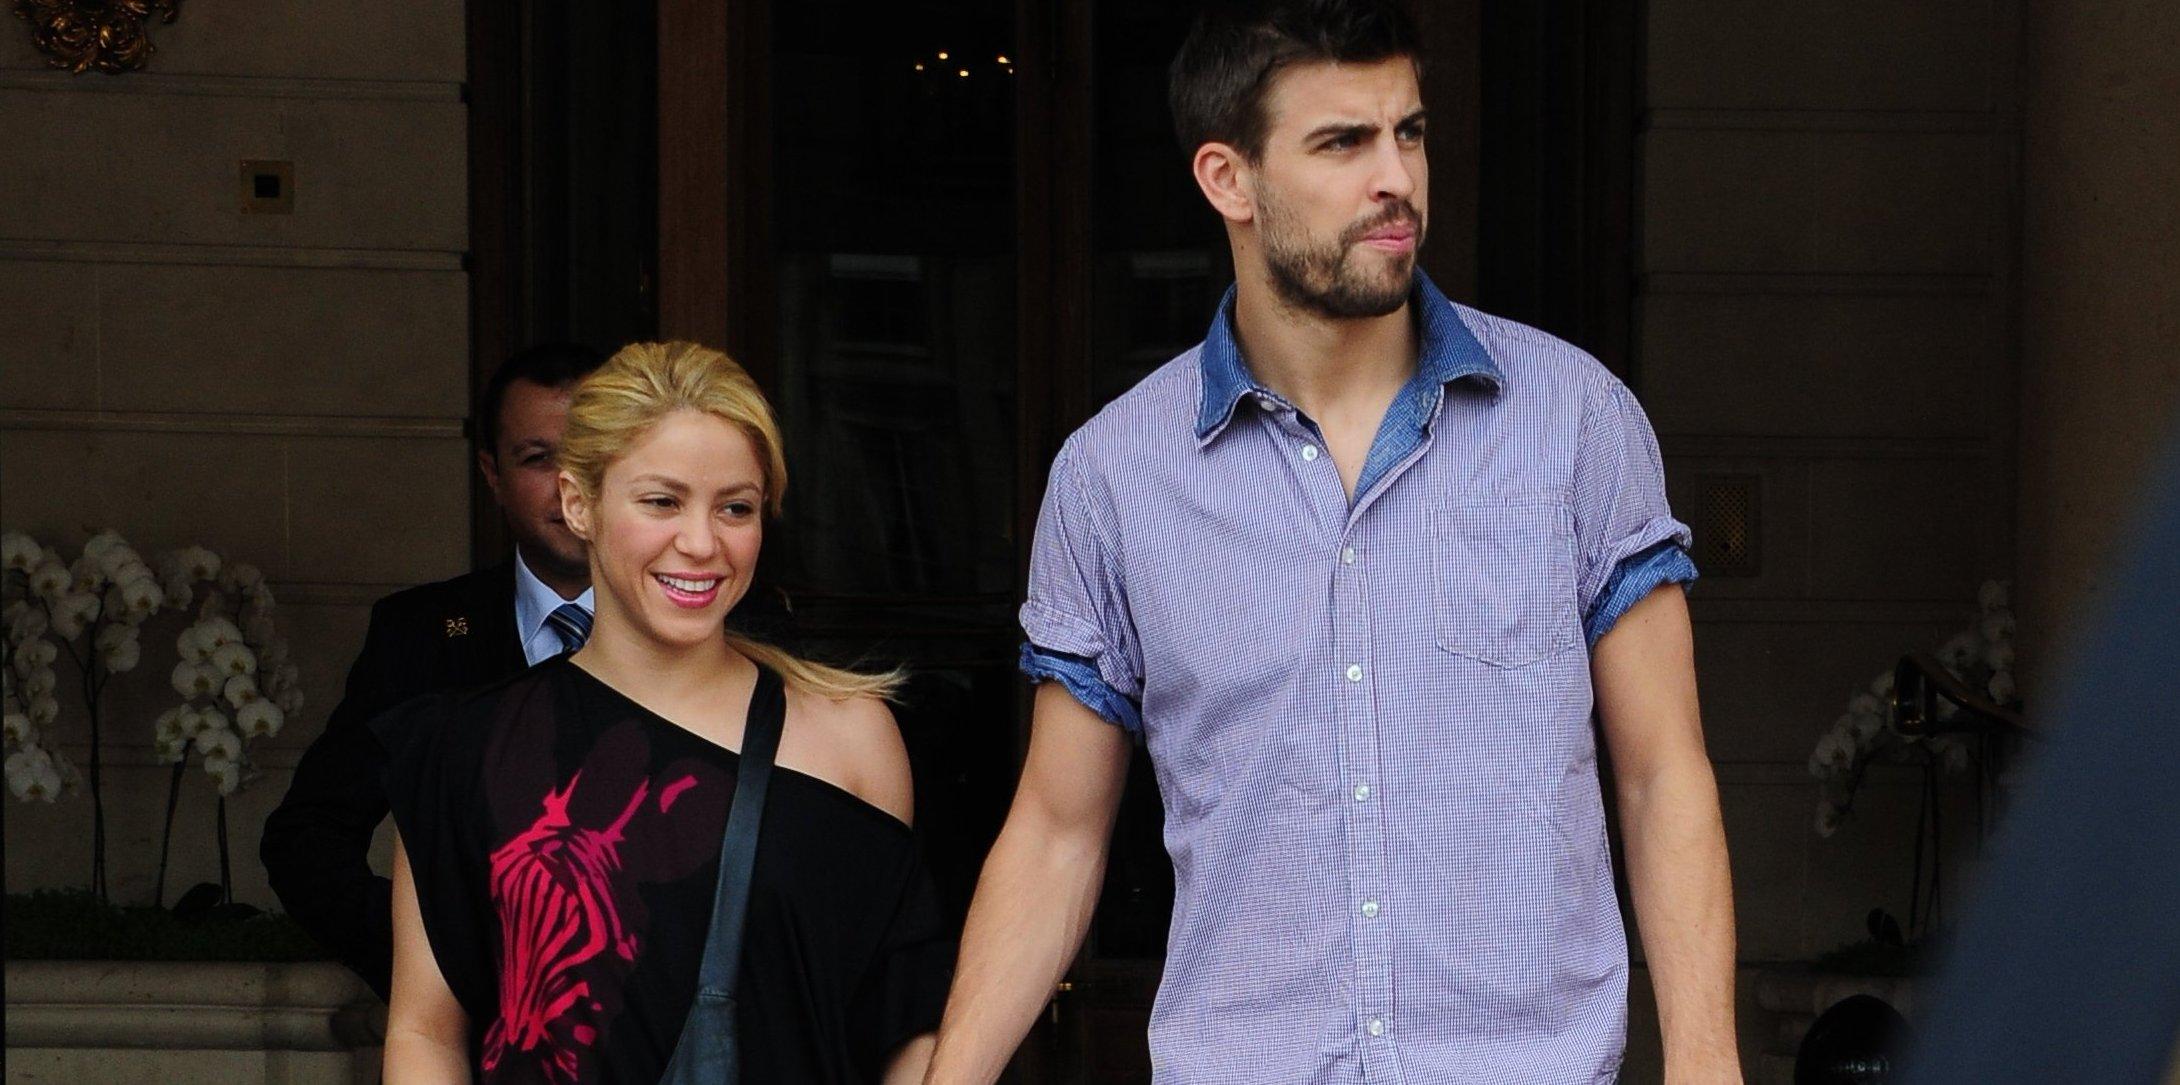 Shakira and Gerard Pique pictured - Paris